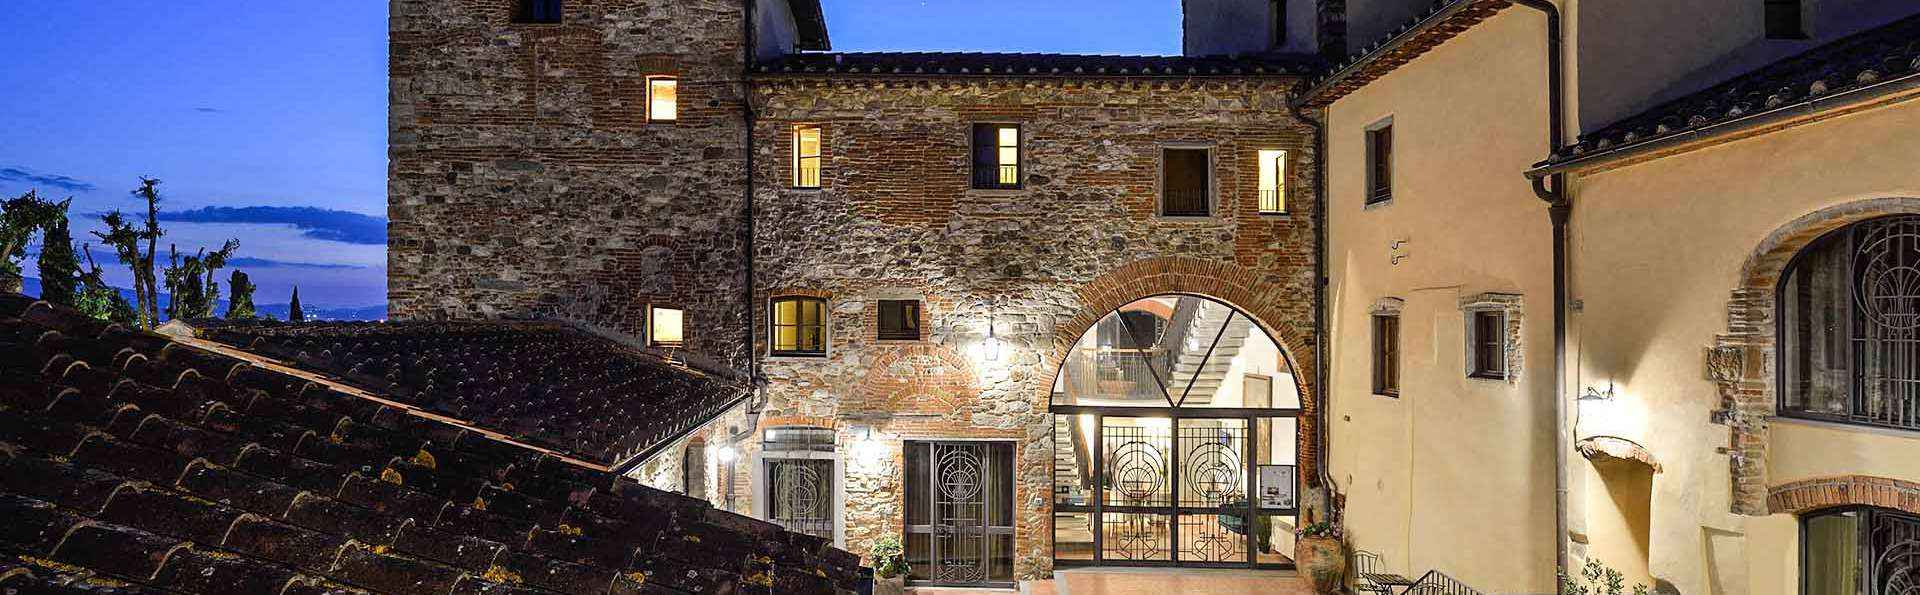 Séjour de 3 nuits à Pistoia, dans les collines du Chianti